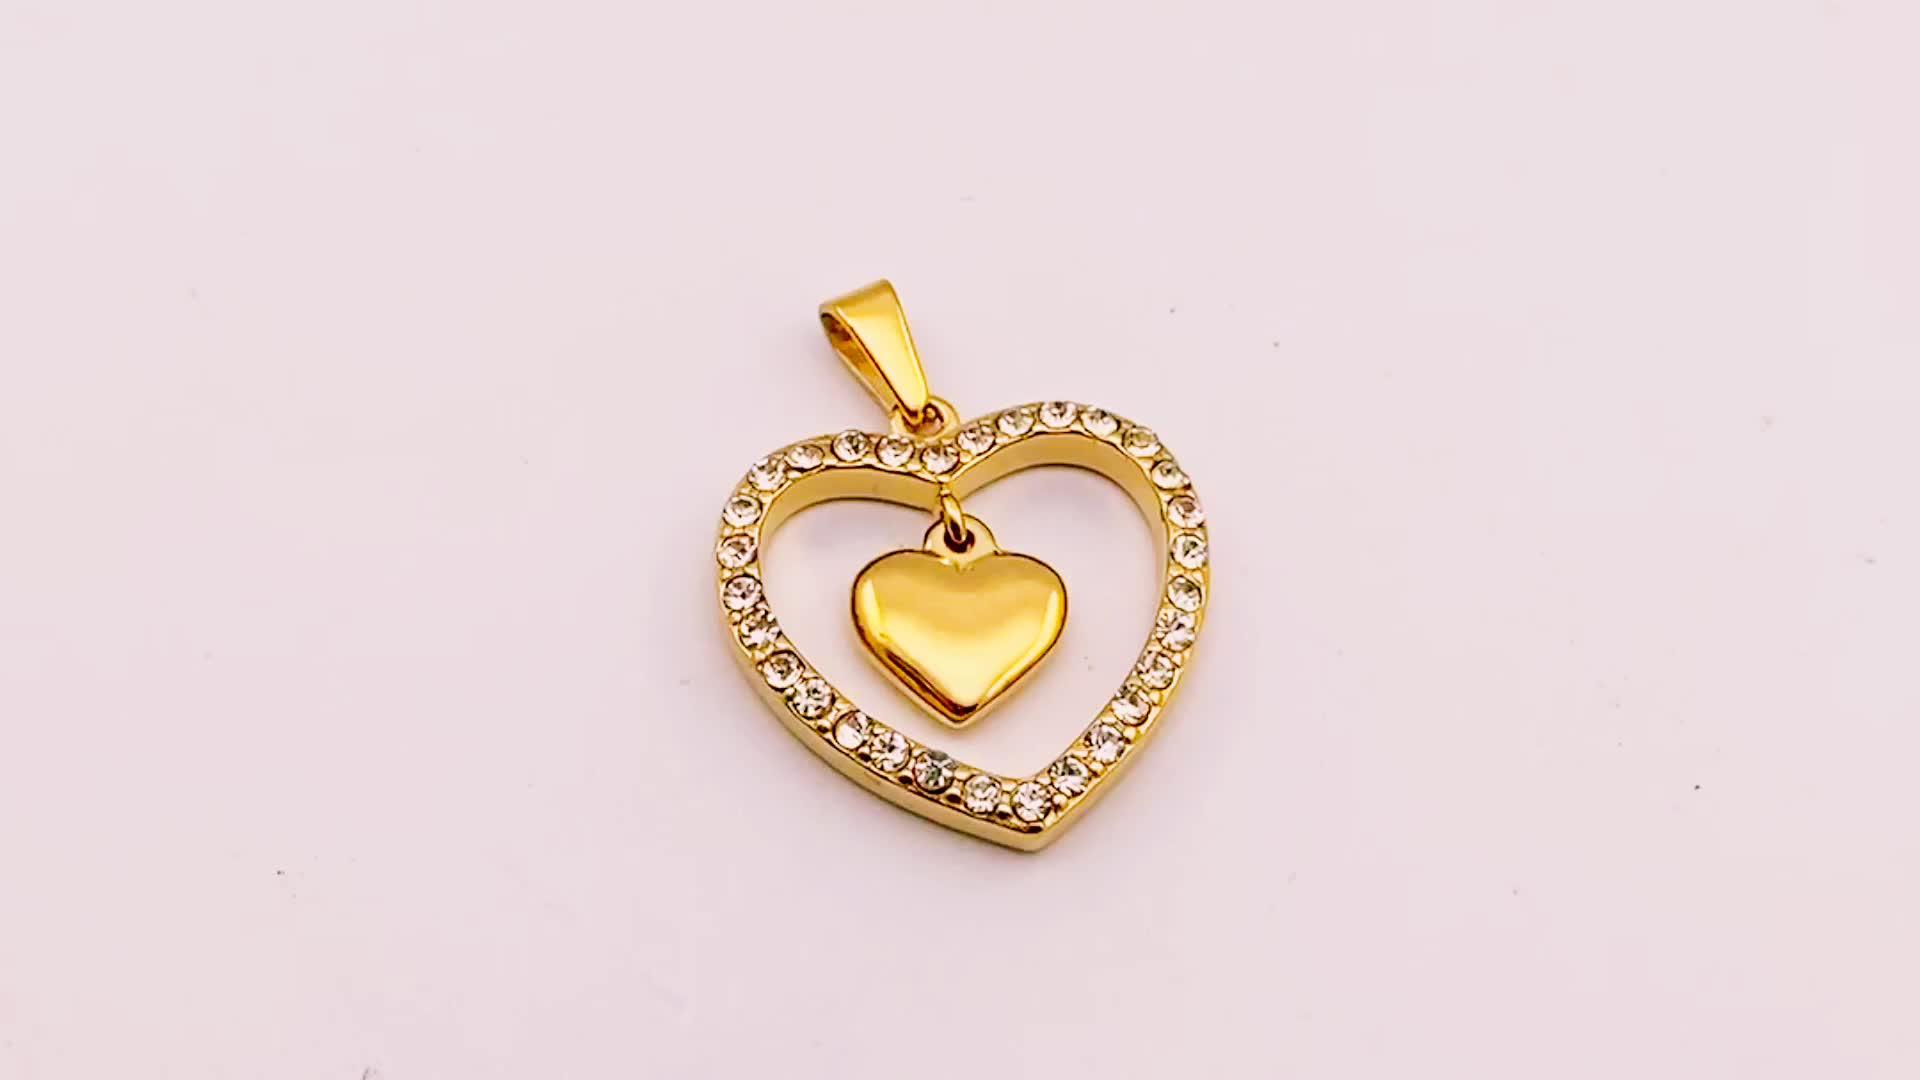 En stock nuevo diseño de corazón de diamantes de imitación collares de acero inoxidable 18k joyería de oro de moda de las mujeres doble corazón colgante, collar